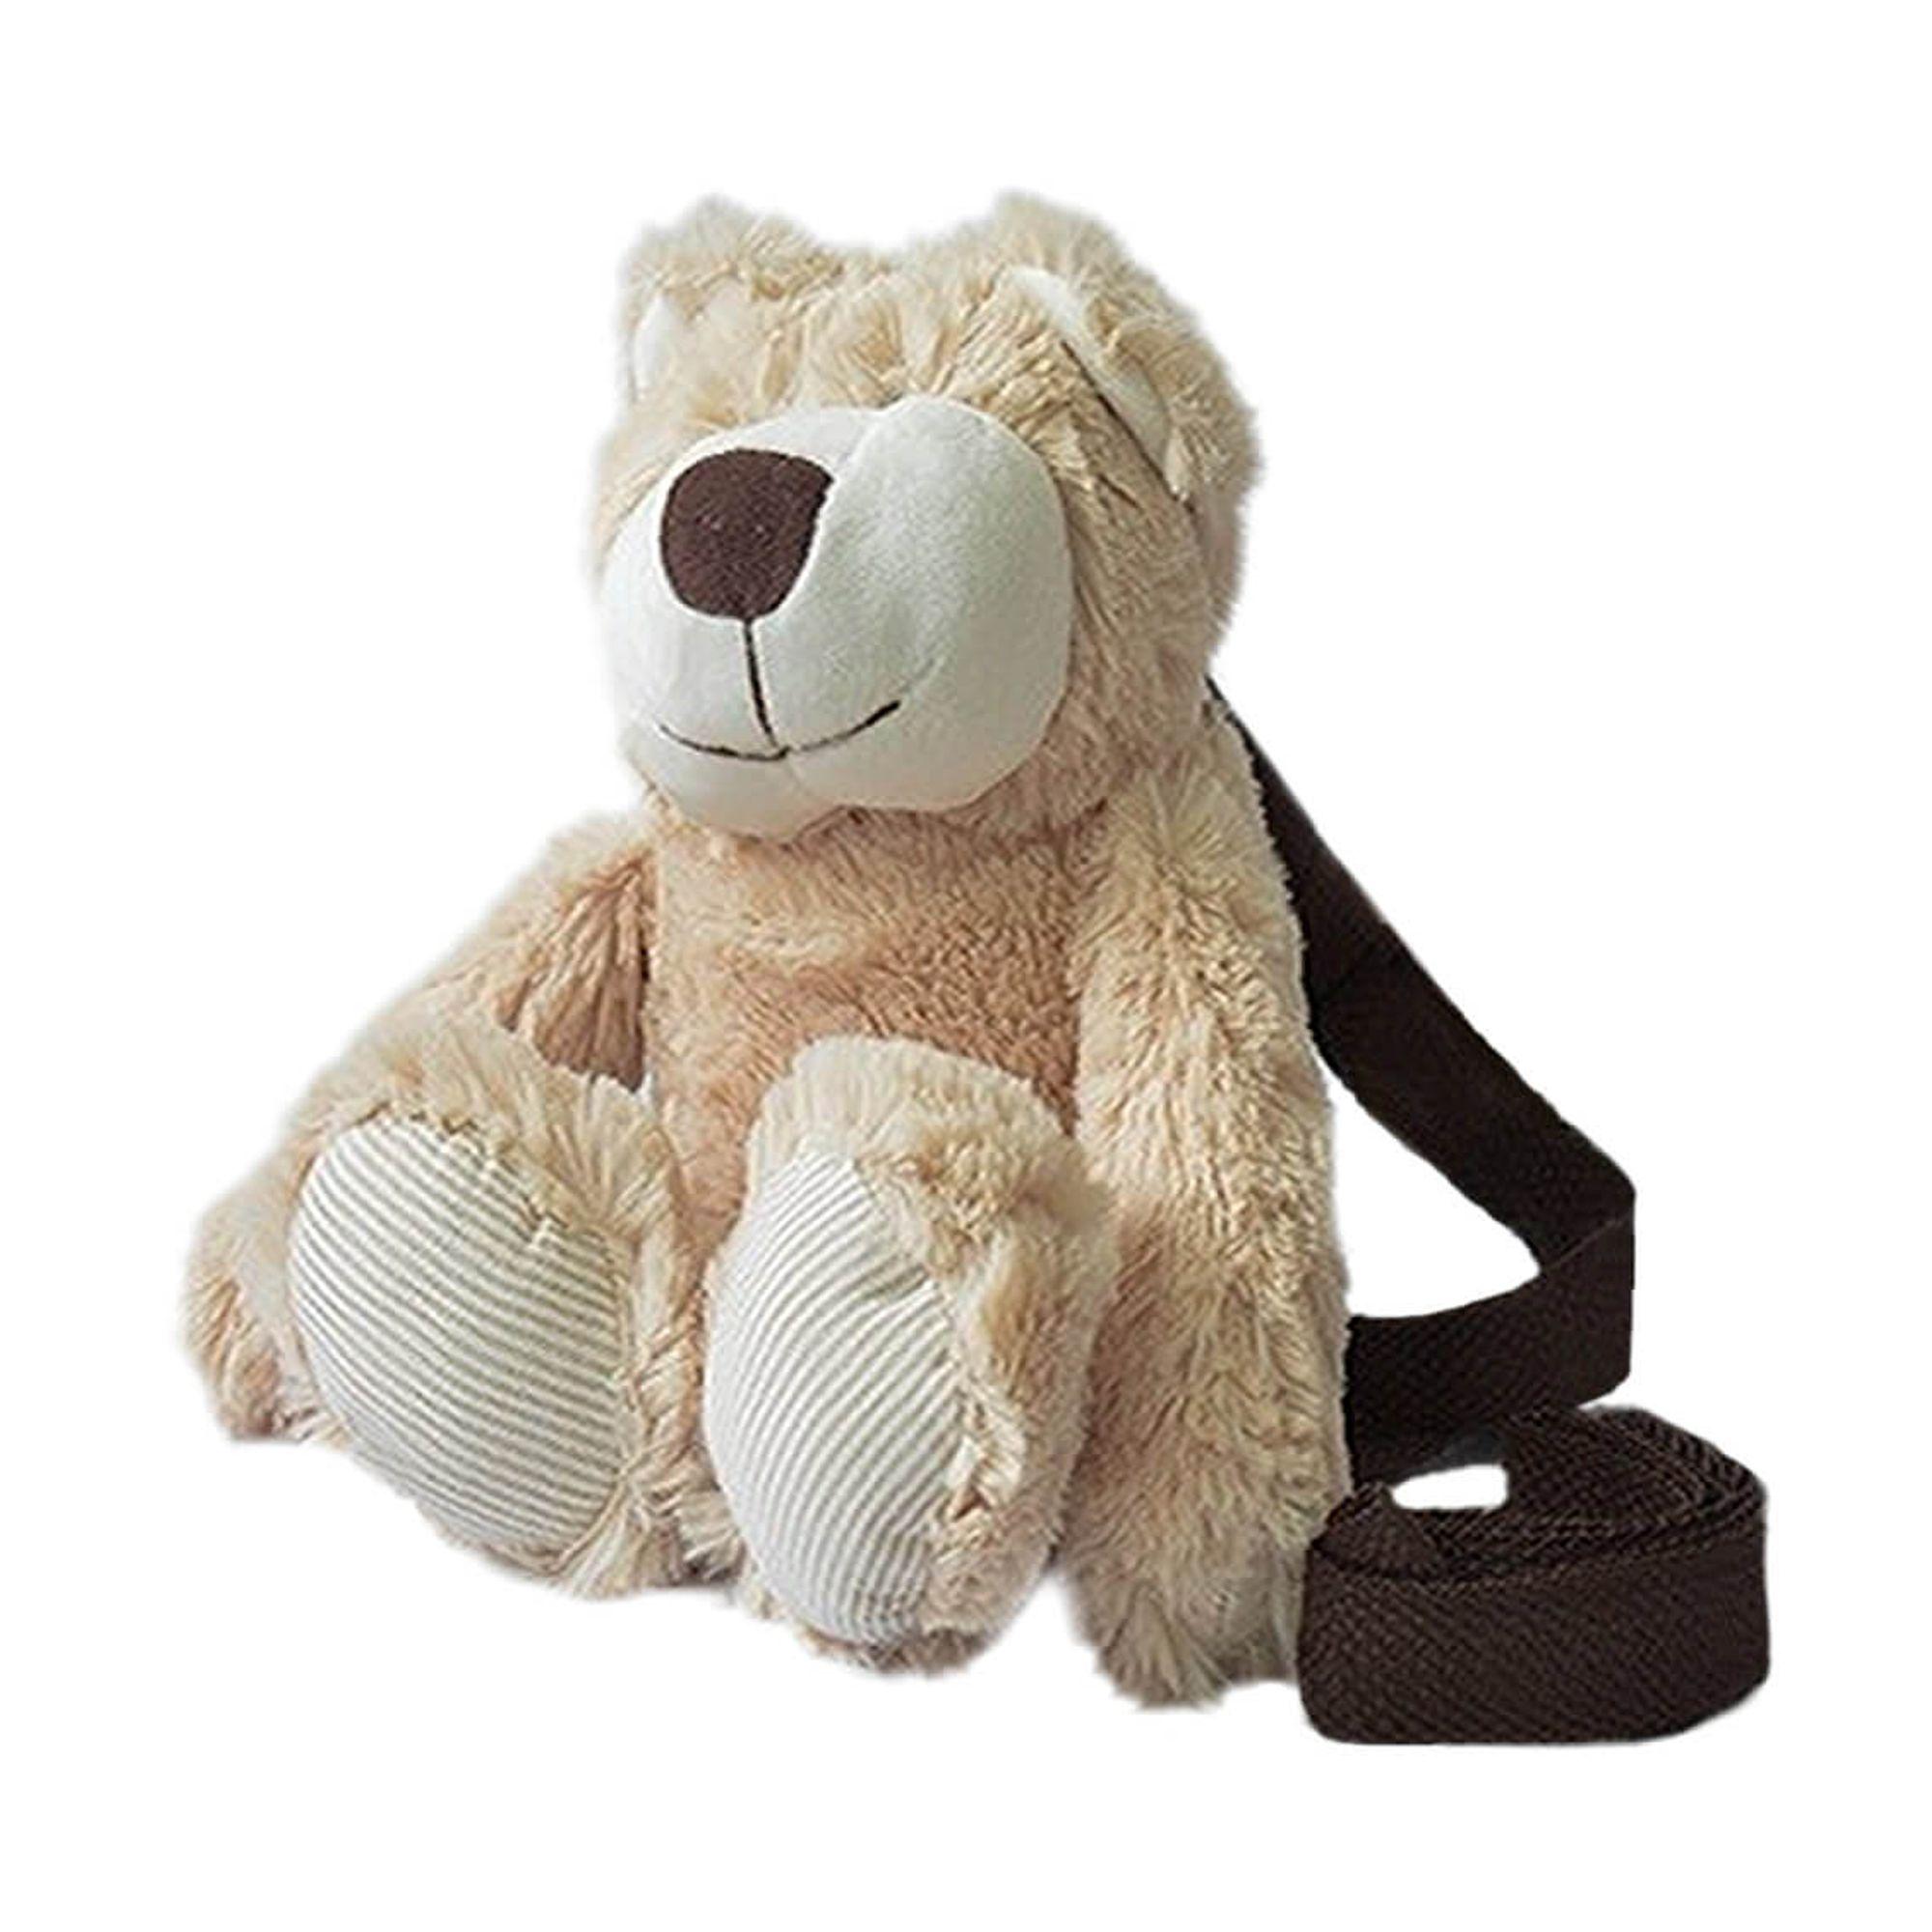 mochila-infantil-com-alca-guia-ursinho-bege-zip-toys